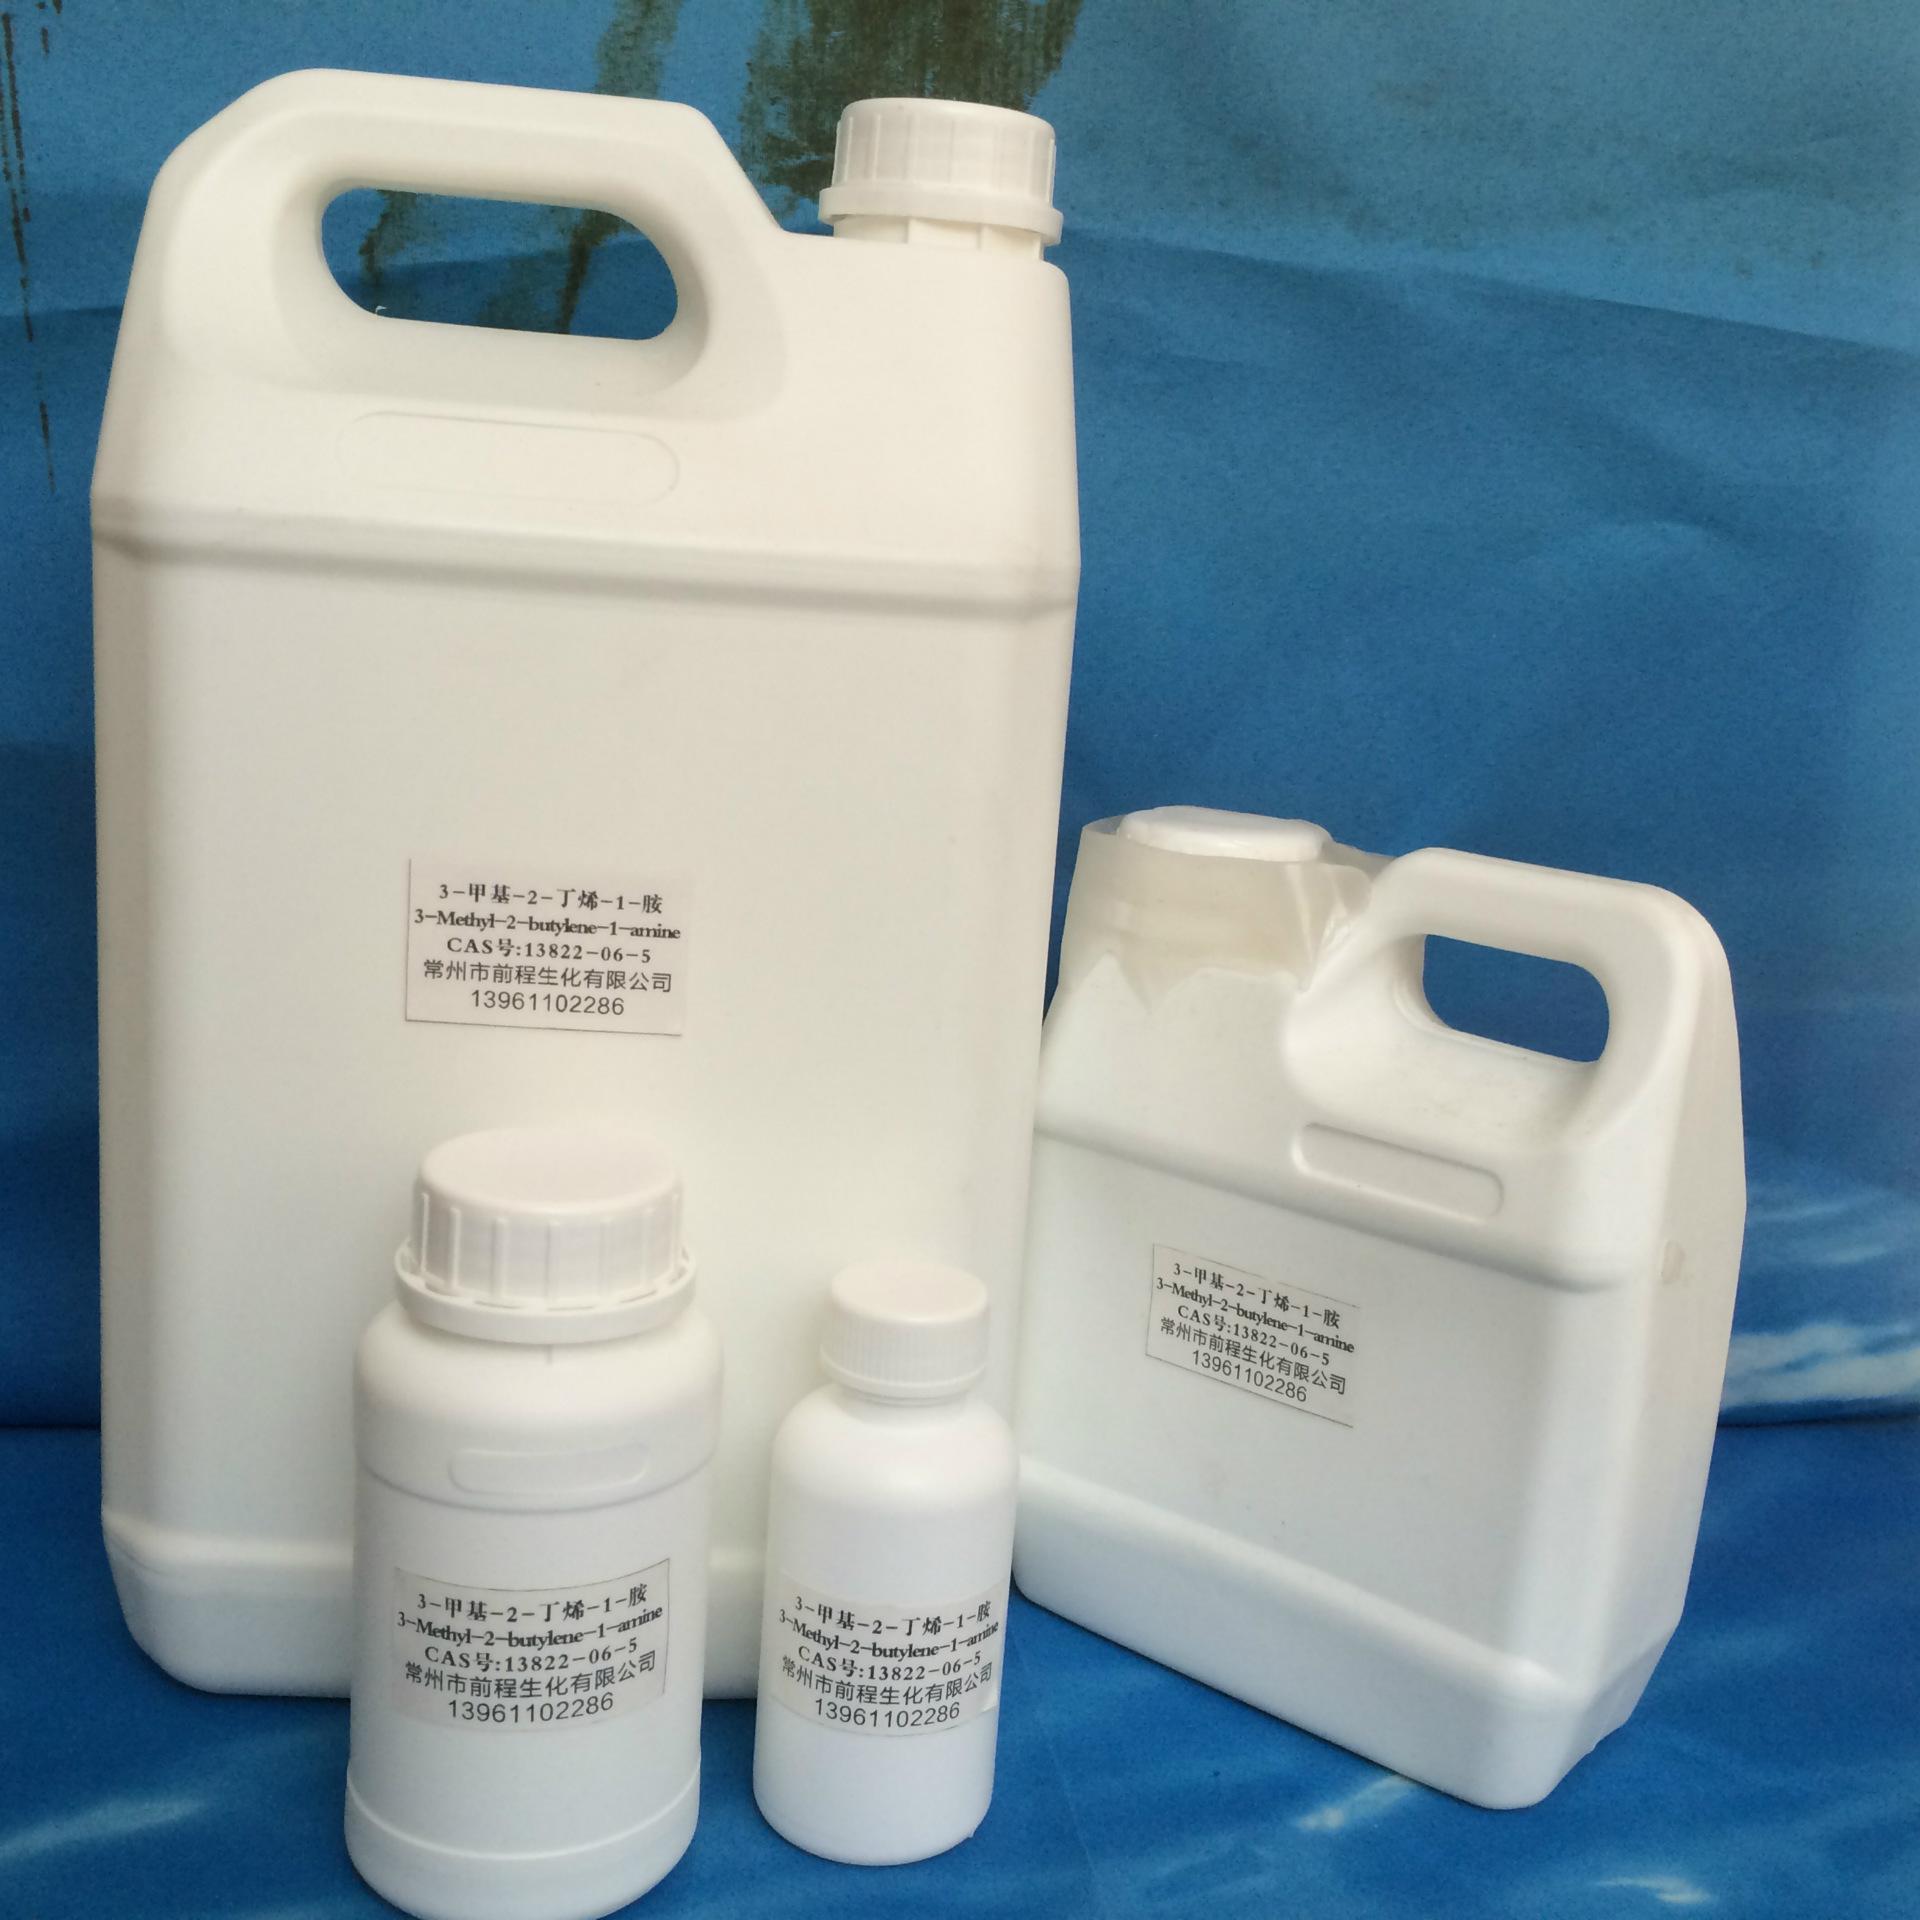 Hóa chất trung gian, thuốc trừ sâu trung gian: 3-metyl-2-butene-1-amin